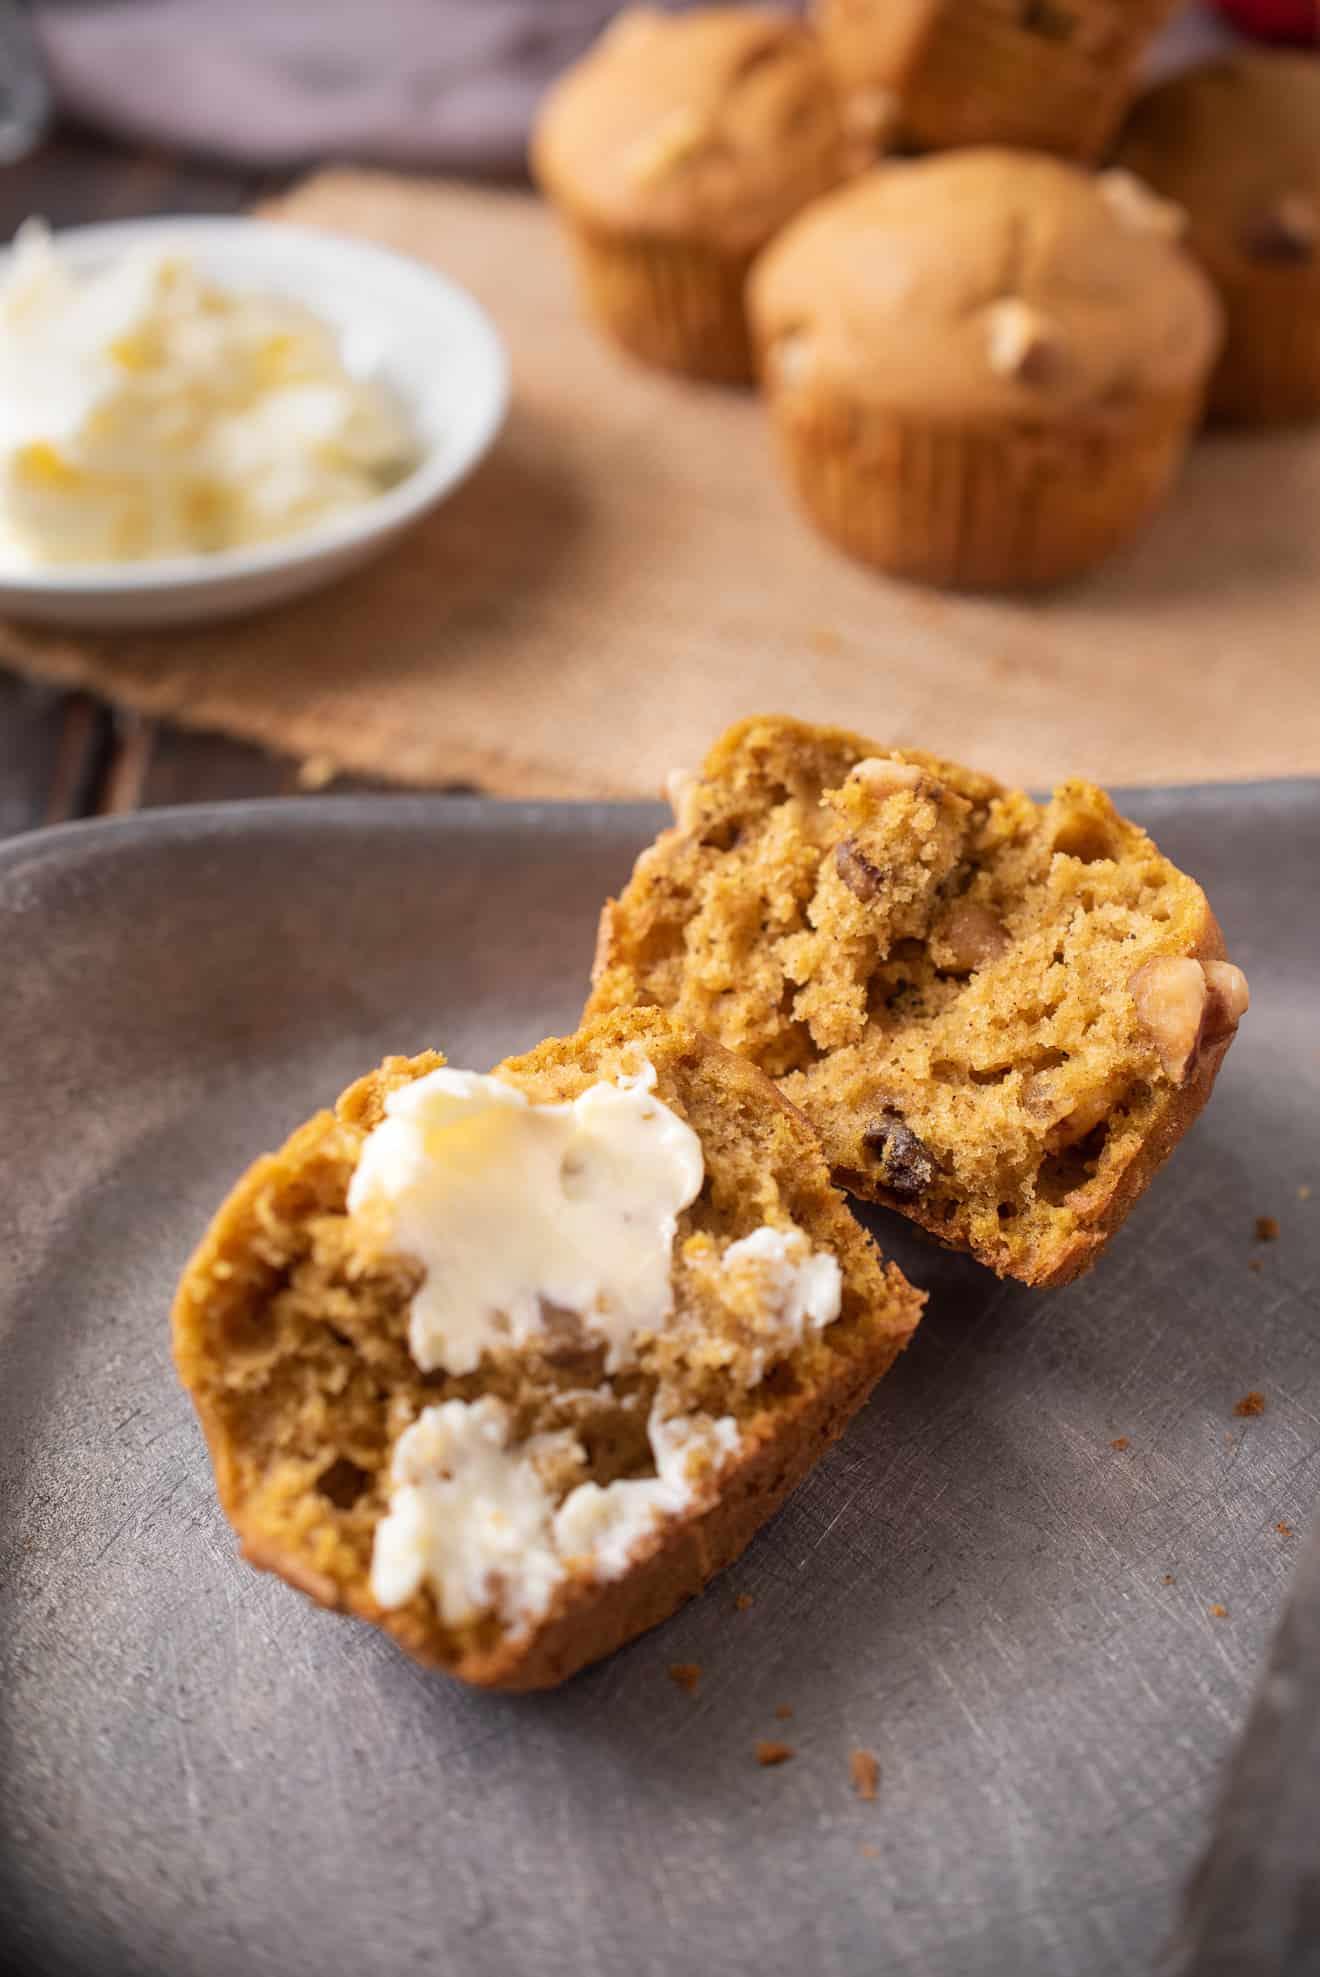 A pumpkin walnut muffin cut in half spread with butter